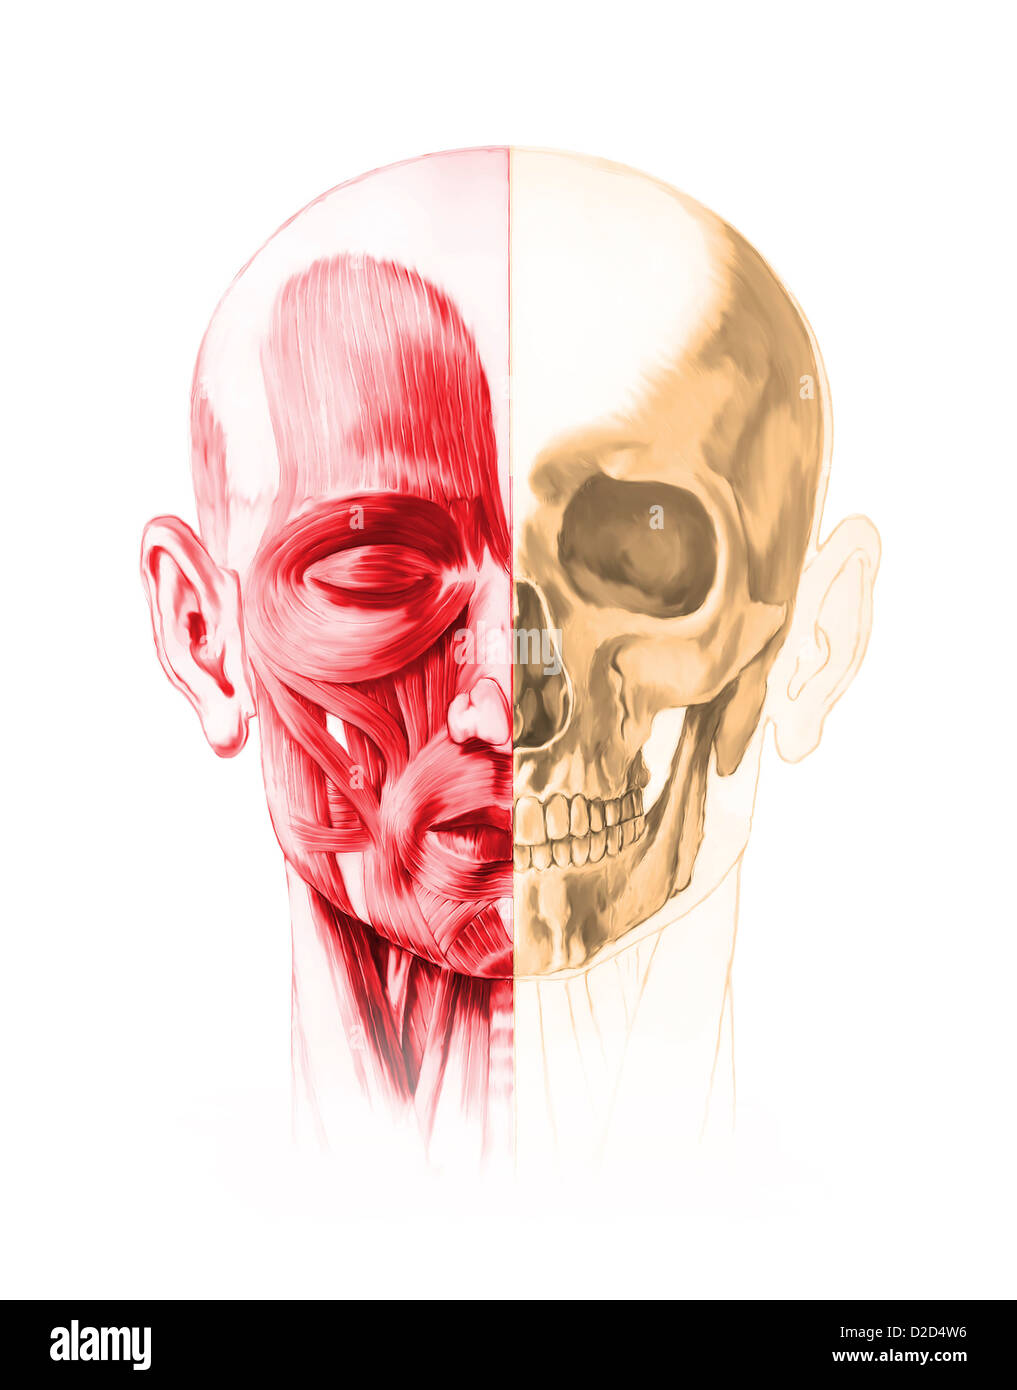 Facial Muscle Stock Photos & Facial Muscle Stock Images - Alamy